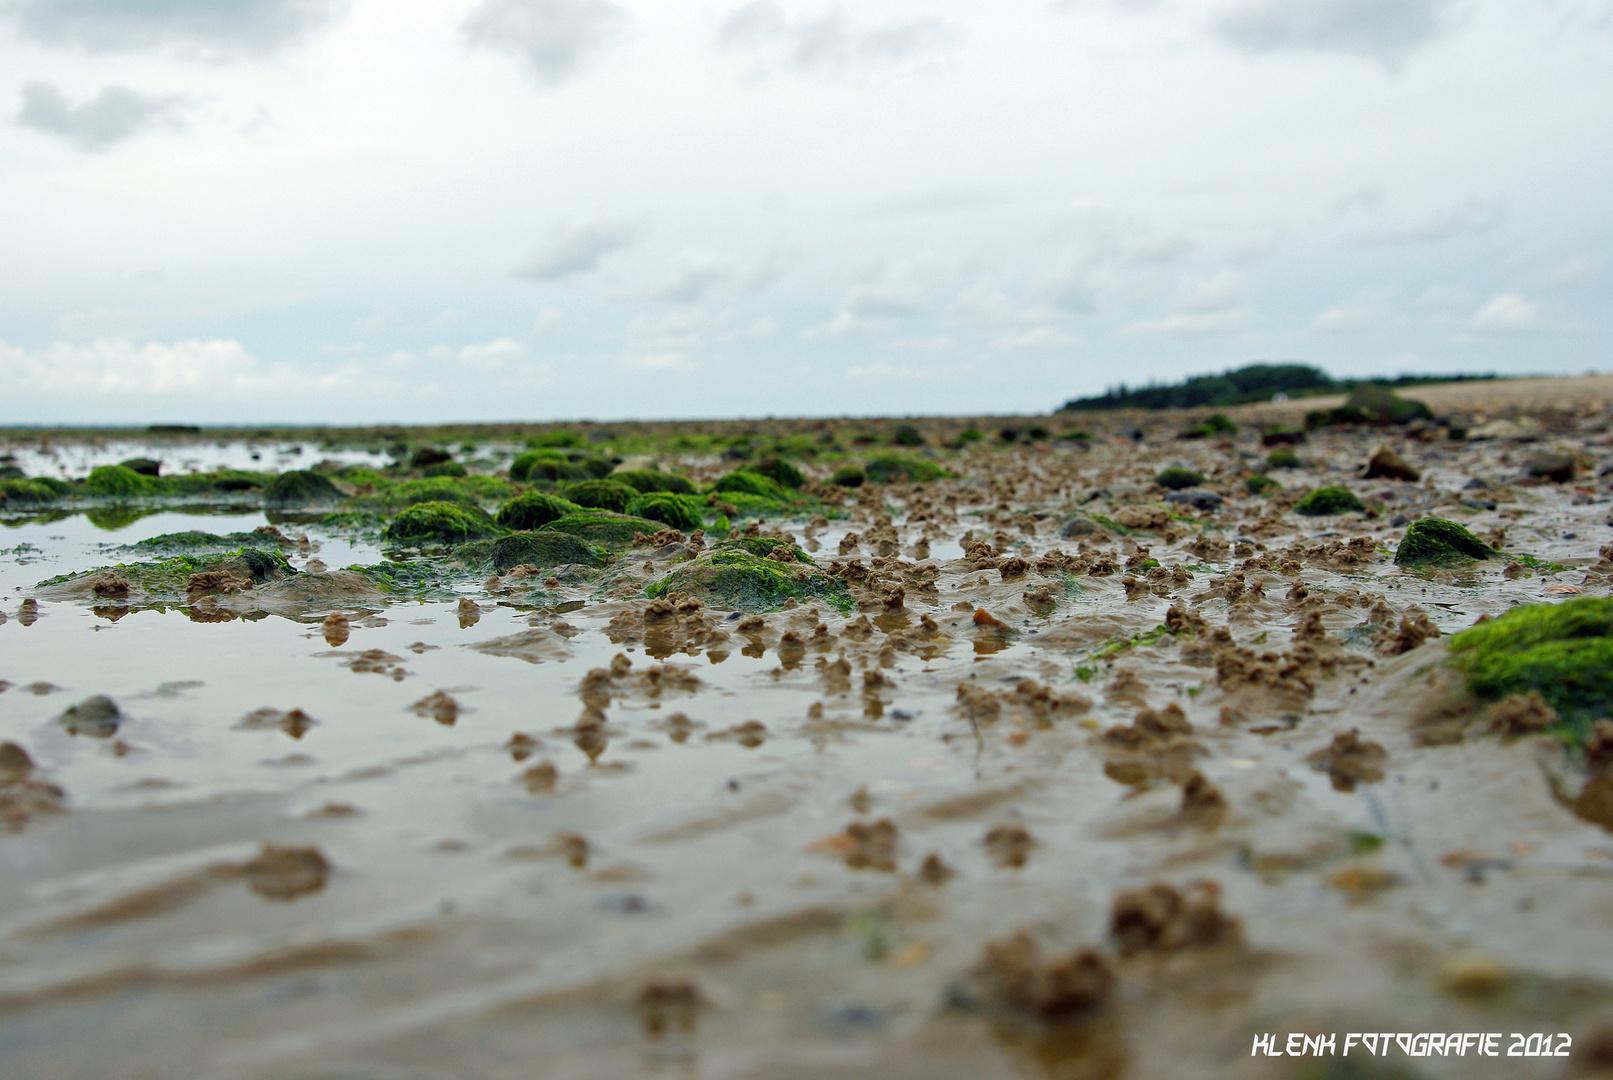 Am Strand von Hedehusum auf Föhr 2012